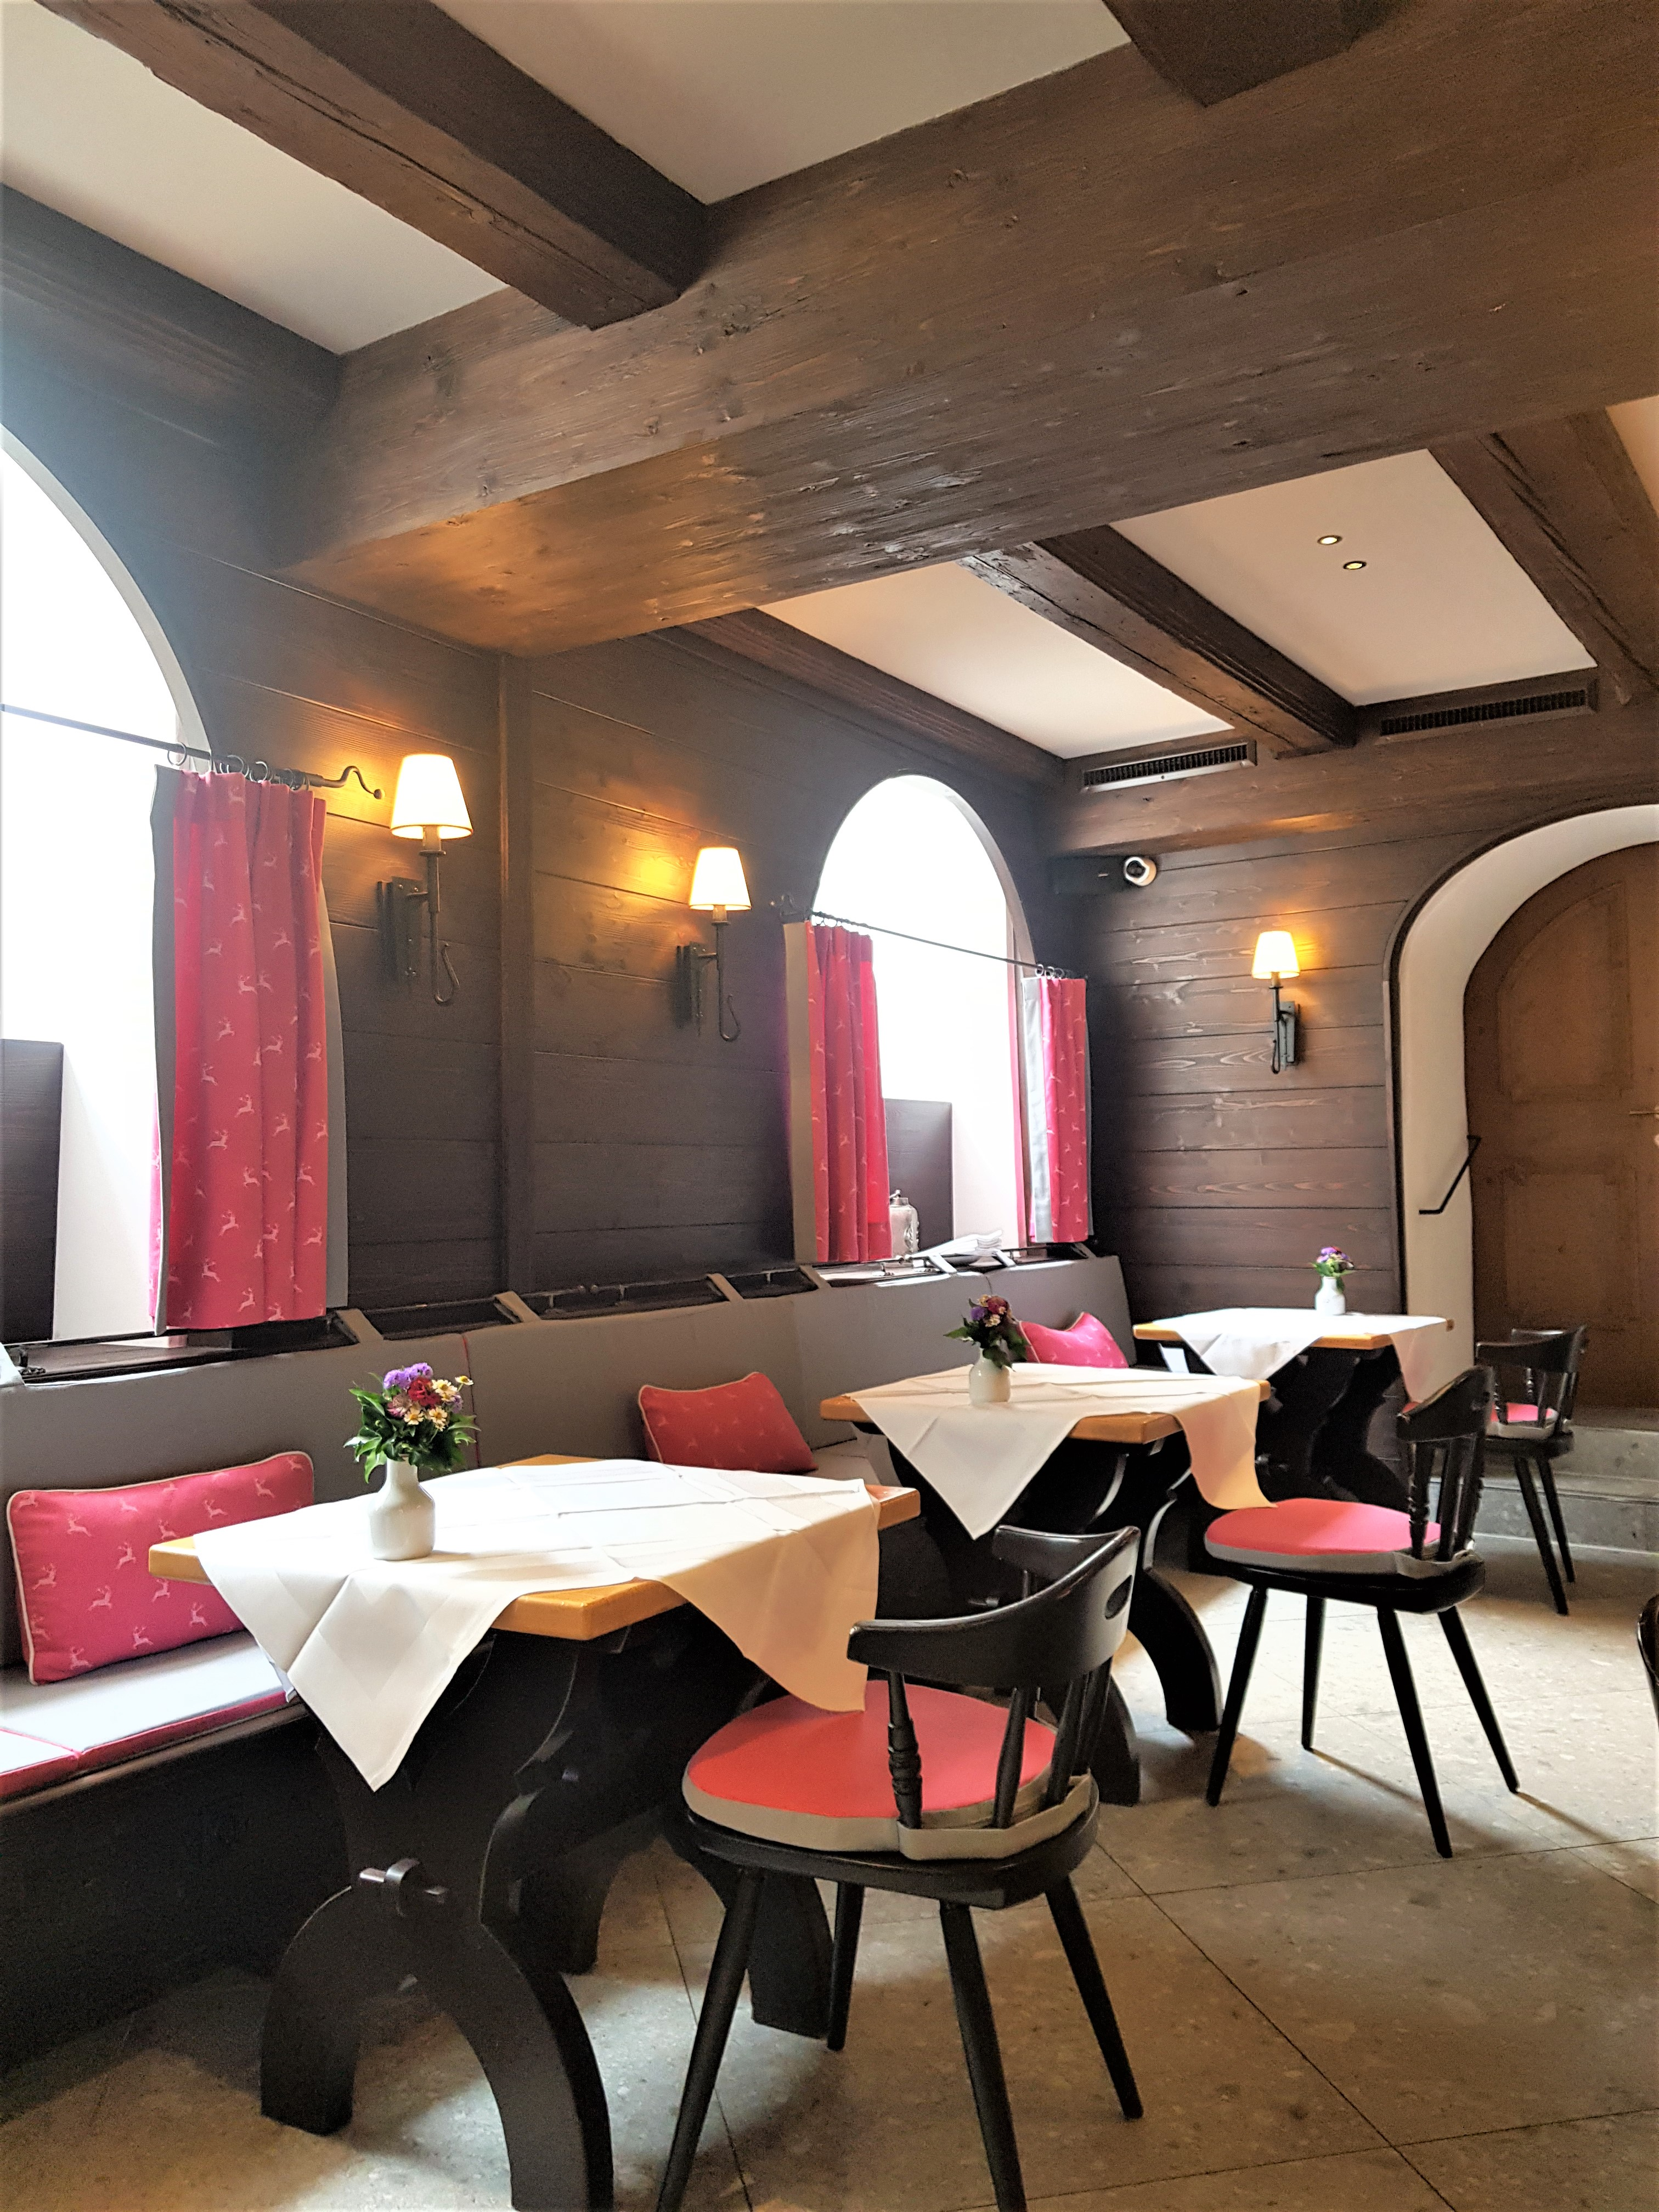 clio-co-blog-voyage-Salzbourg-autriche-restaurant-herzl-chic